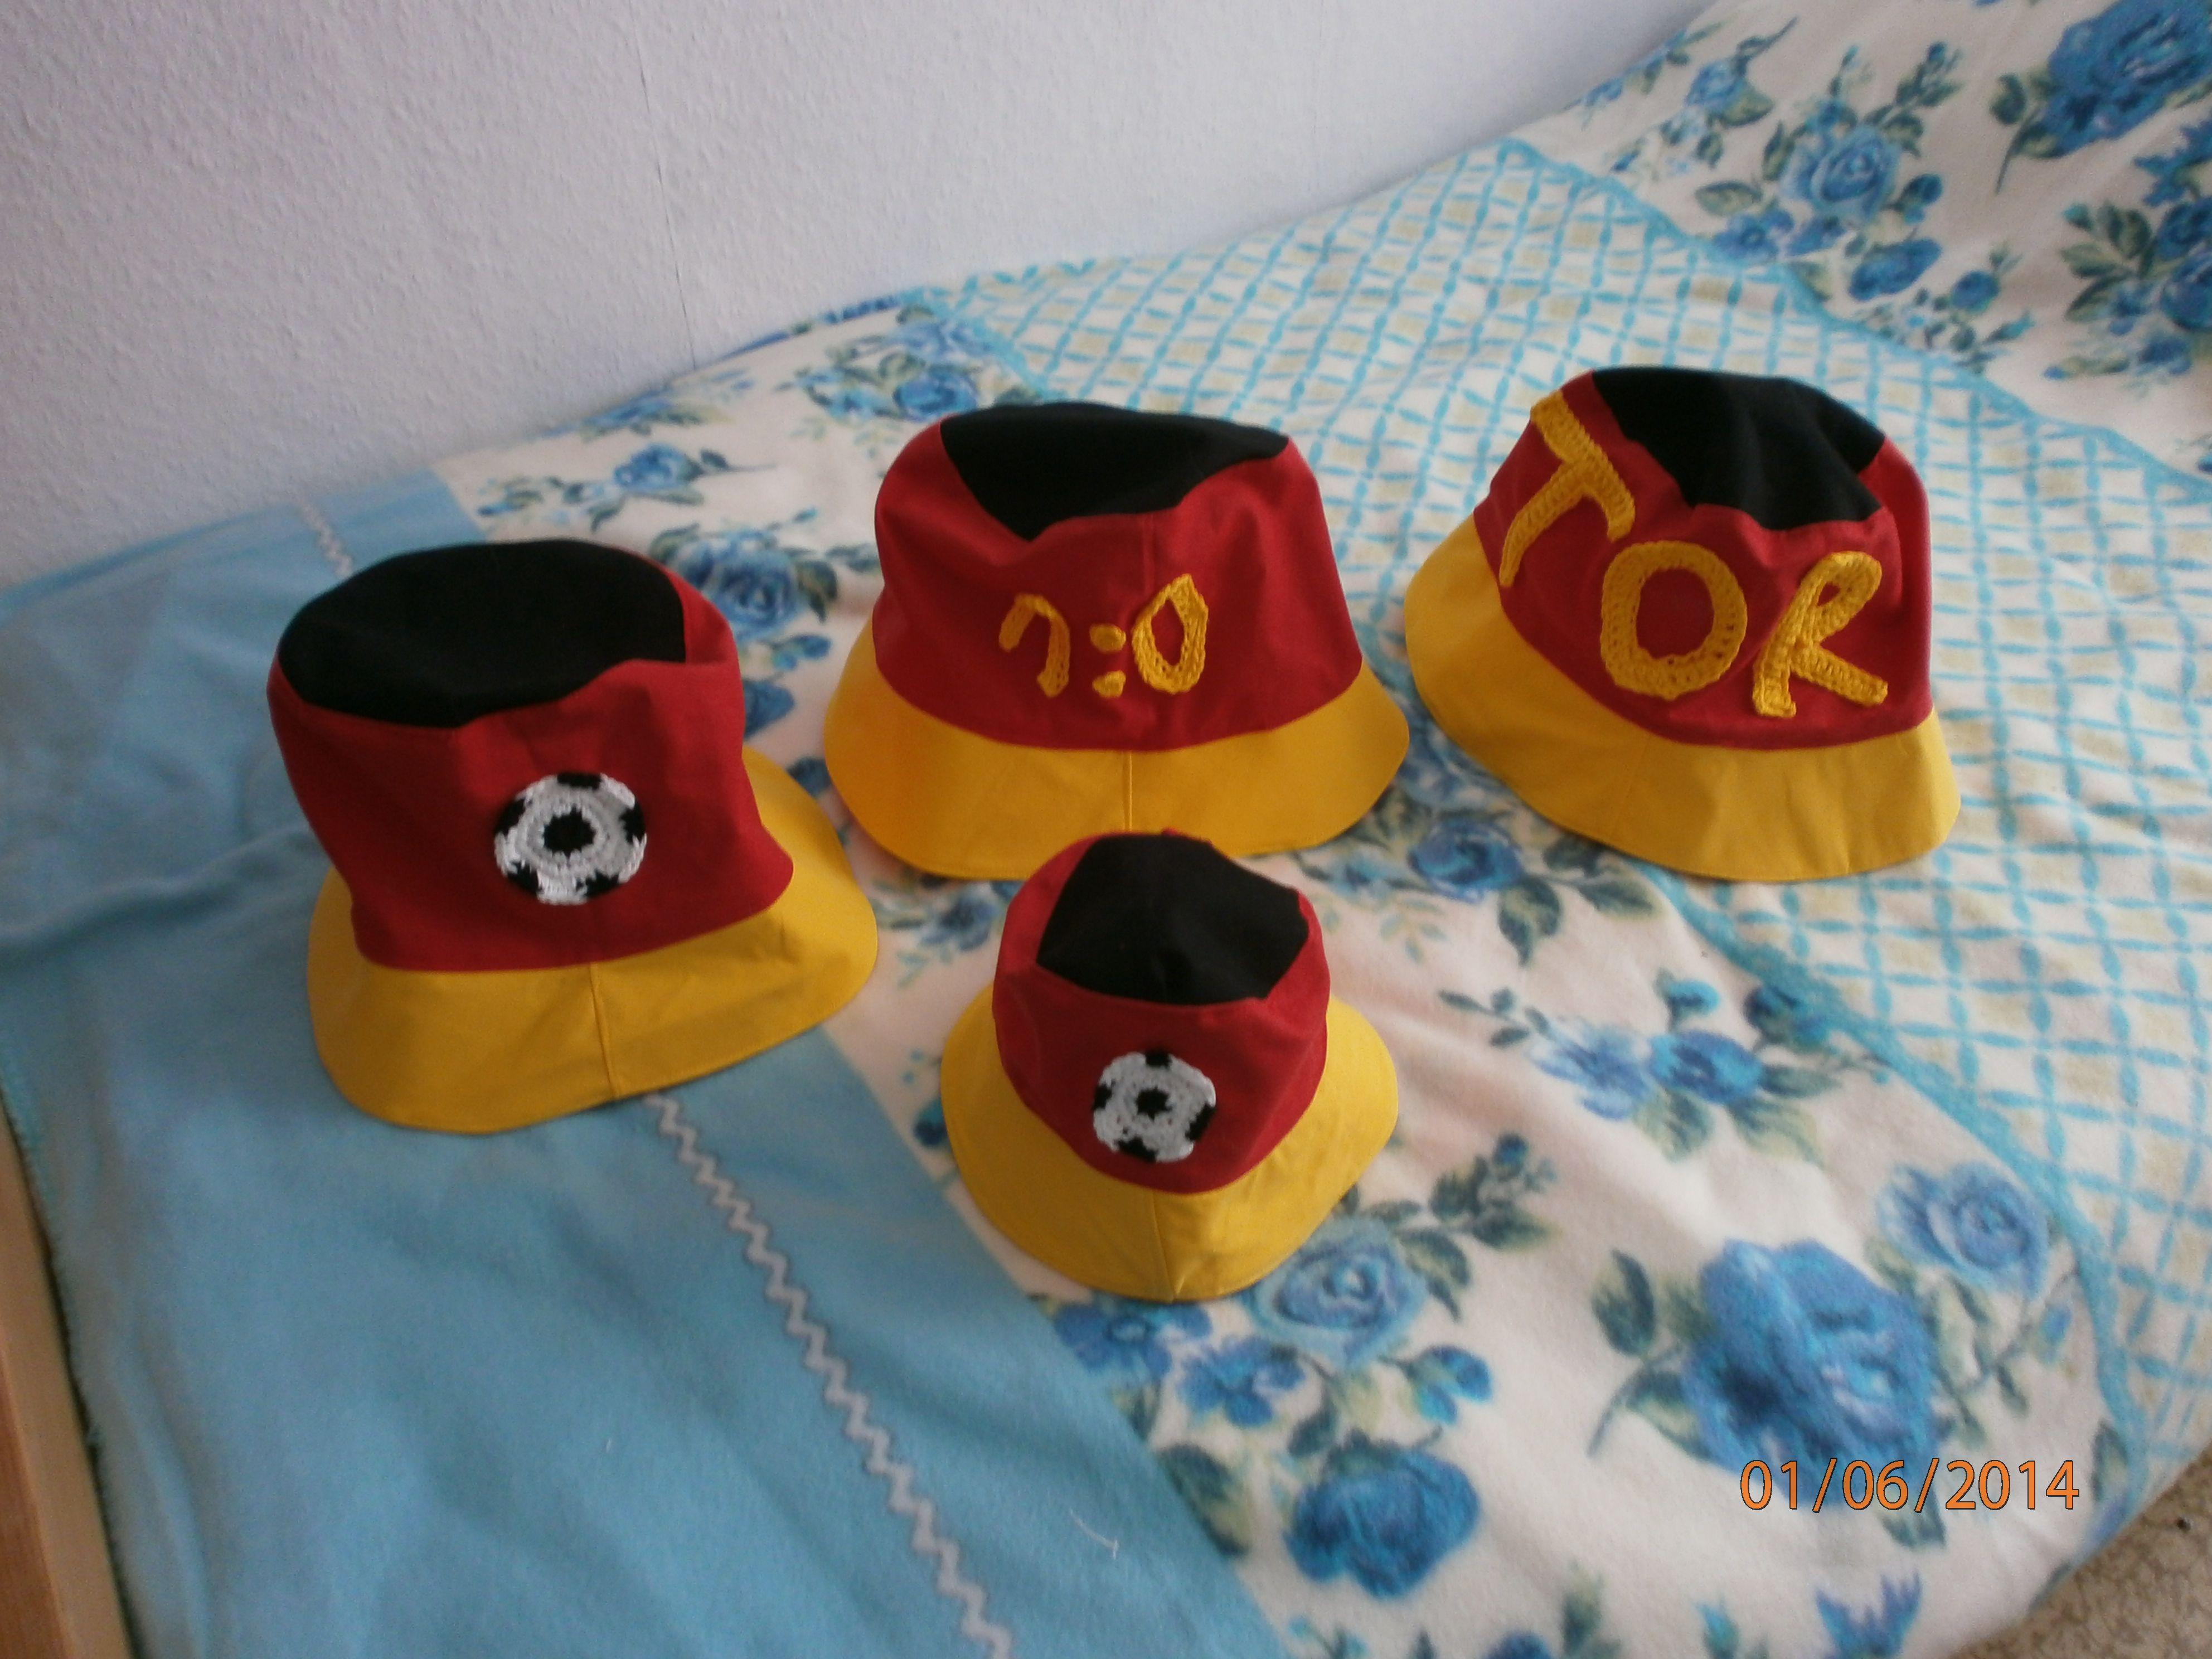 die Hüte habe ich zur WM genäht  für drei Brüder und ihre kleine Schwester  die Applikationen sind von mir gehäkelt